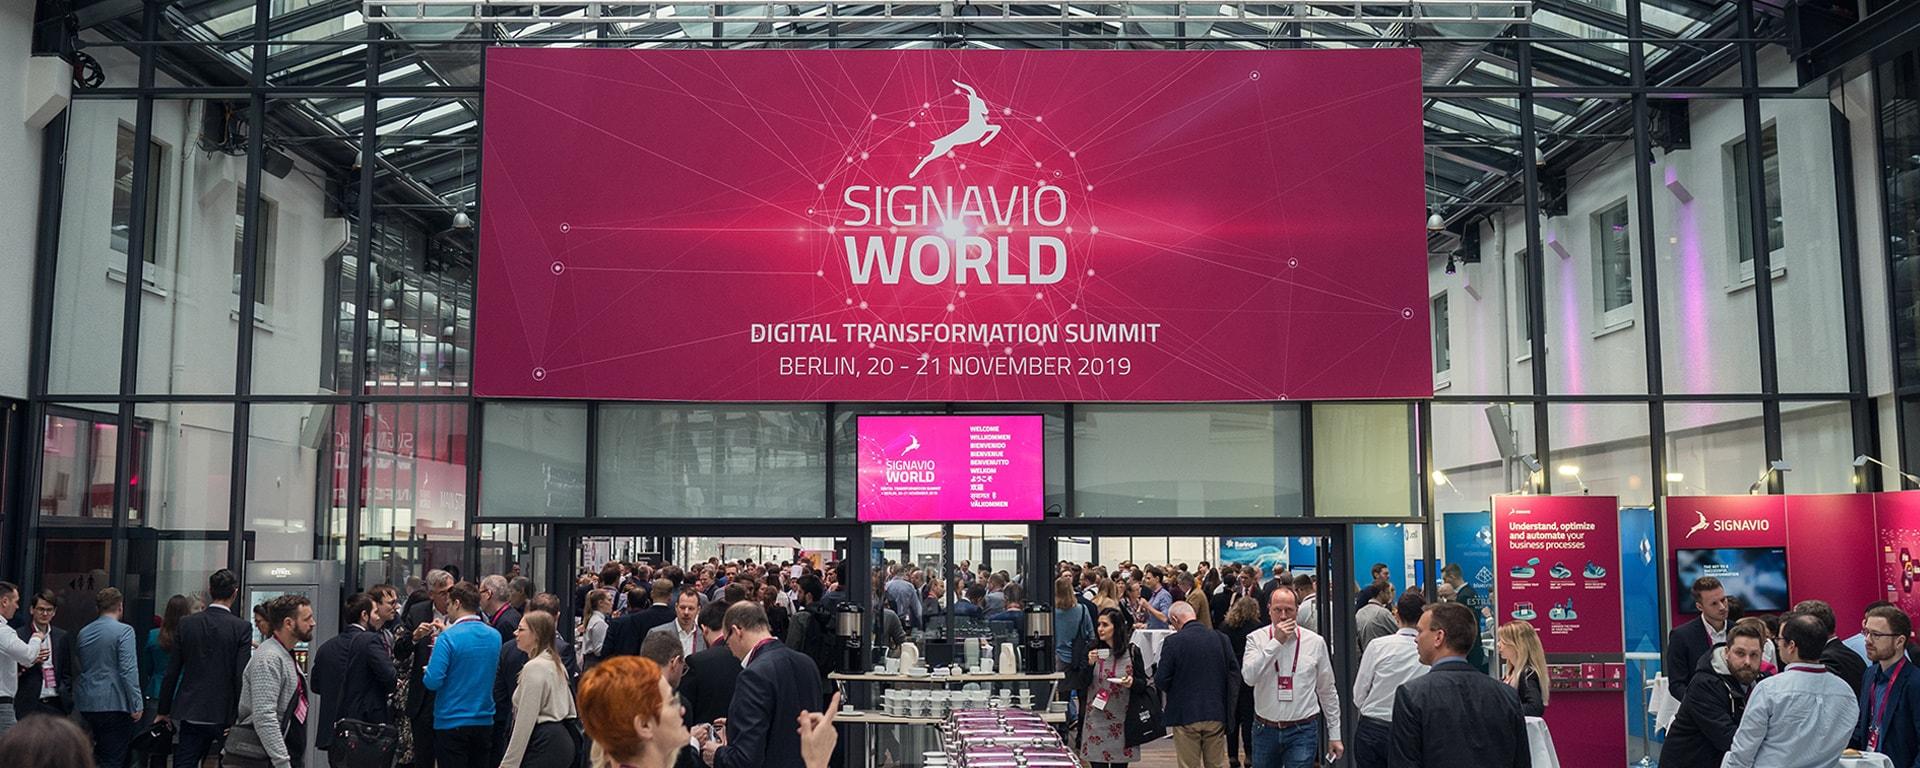 Signavio World 2019 Eingangshalle mit Banner